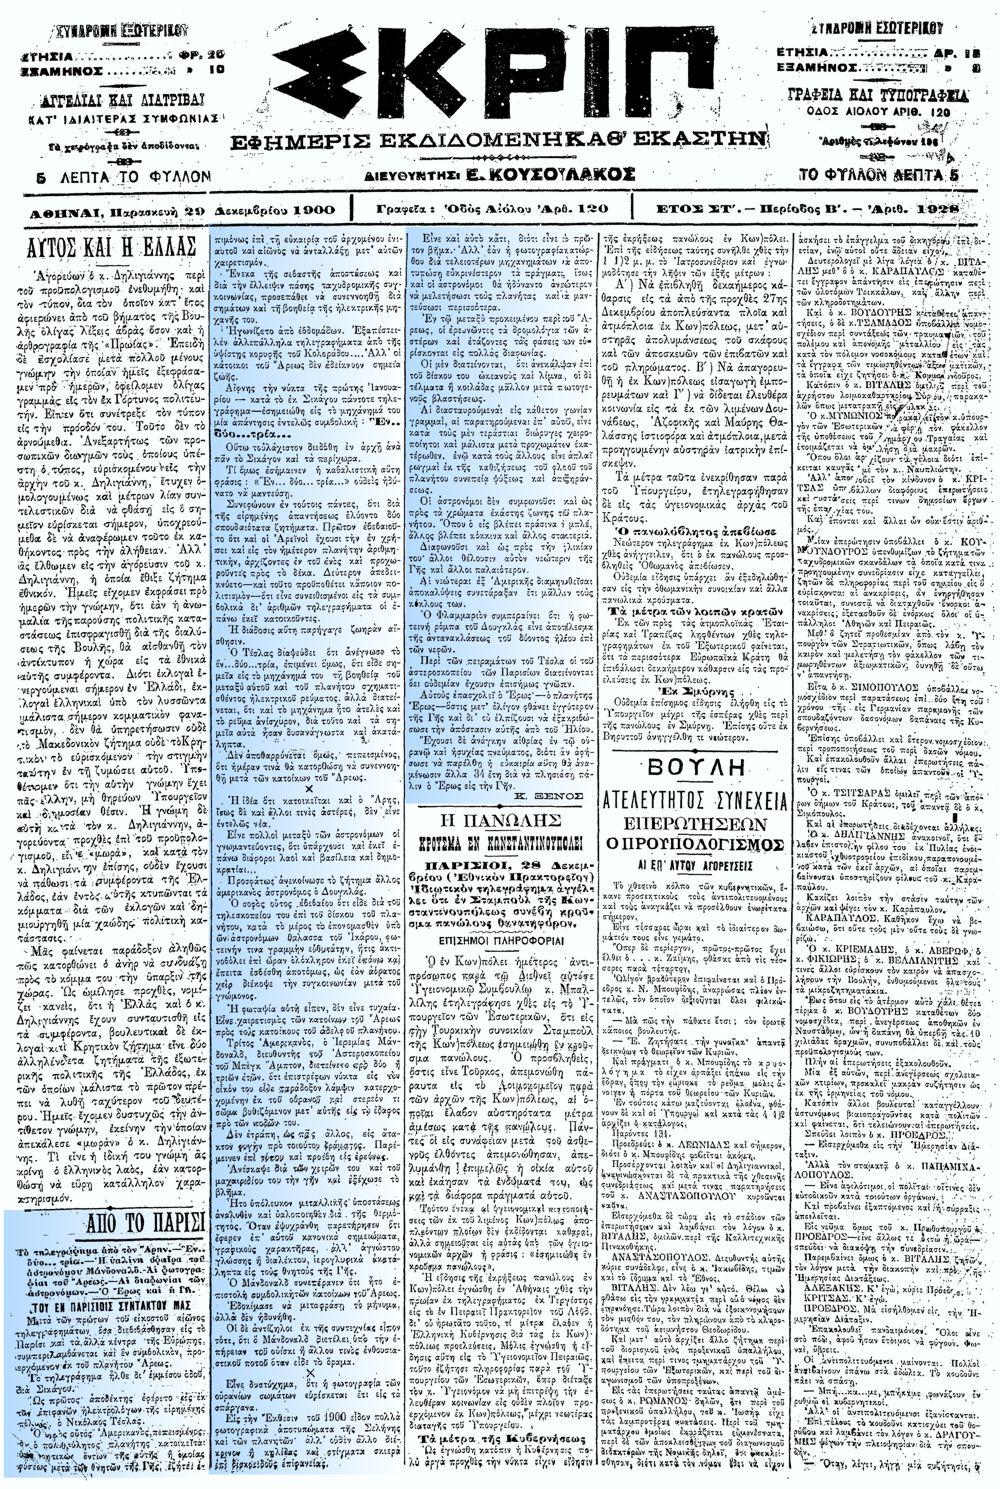 """Το άρθρο, όπως δημοσιεύθηκε στην εφημερίδα """"ΣΚΡΙΠ"""", στις 29/12/1900"""